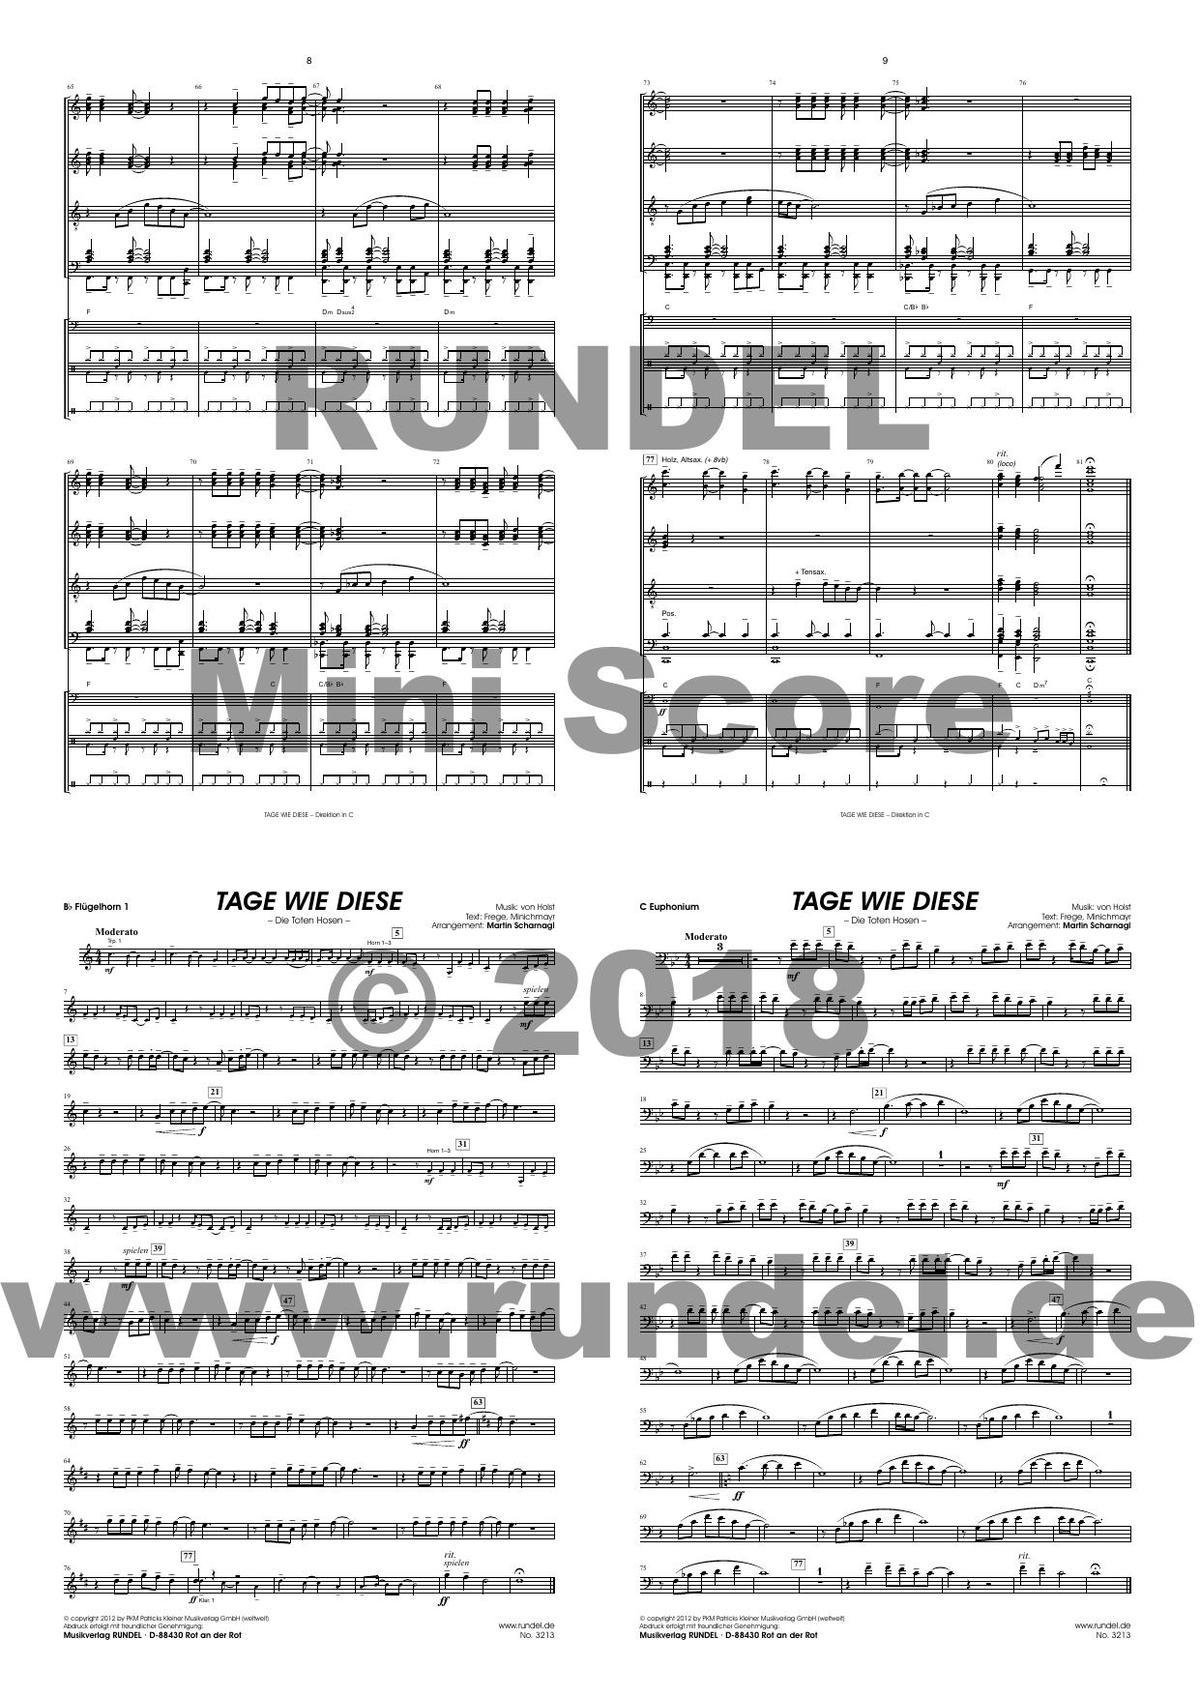 Tage Wie Diese - Die Toten Hosen (Blasorchester) verwandt mit Tage Wie Diese Noten Kostenlos